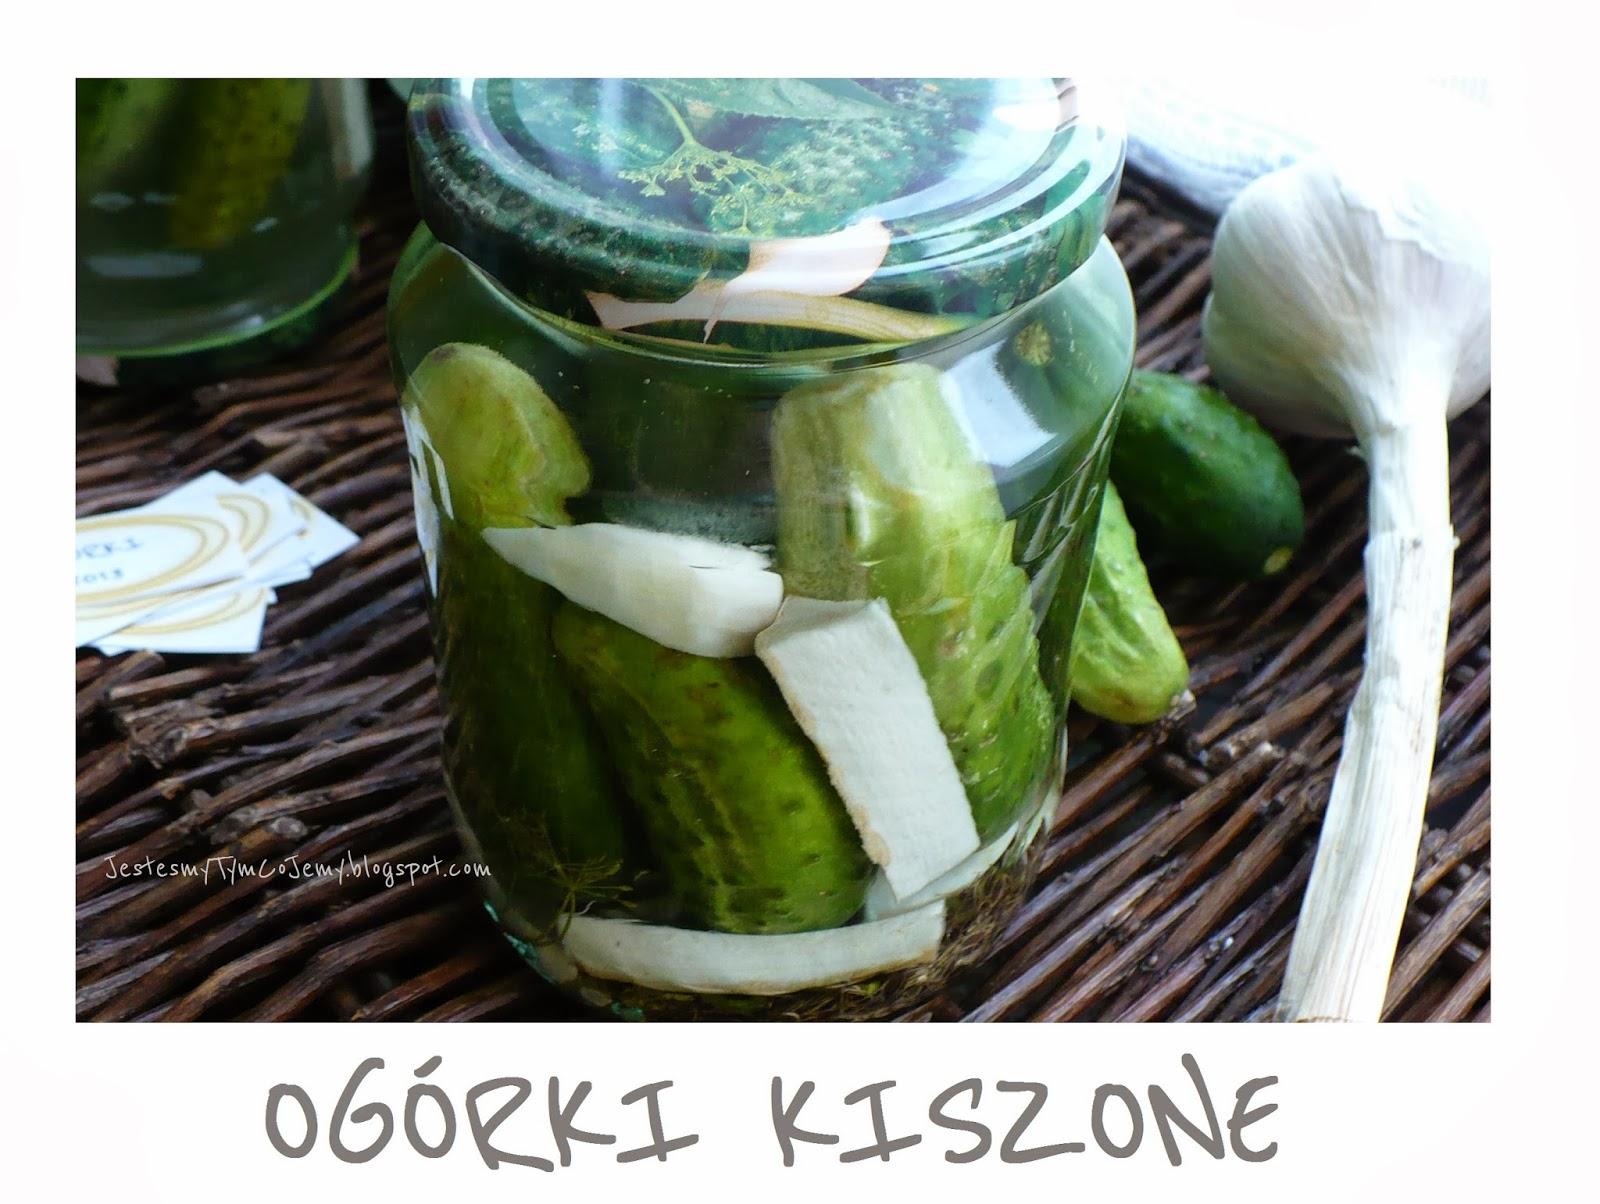 http://jestesmytymcojemy.blogspot.com/2013/09/ogorki-kiszone.html